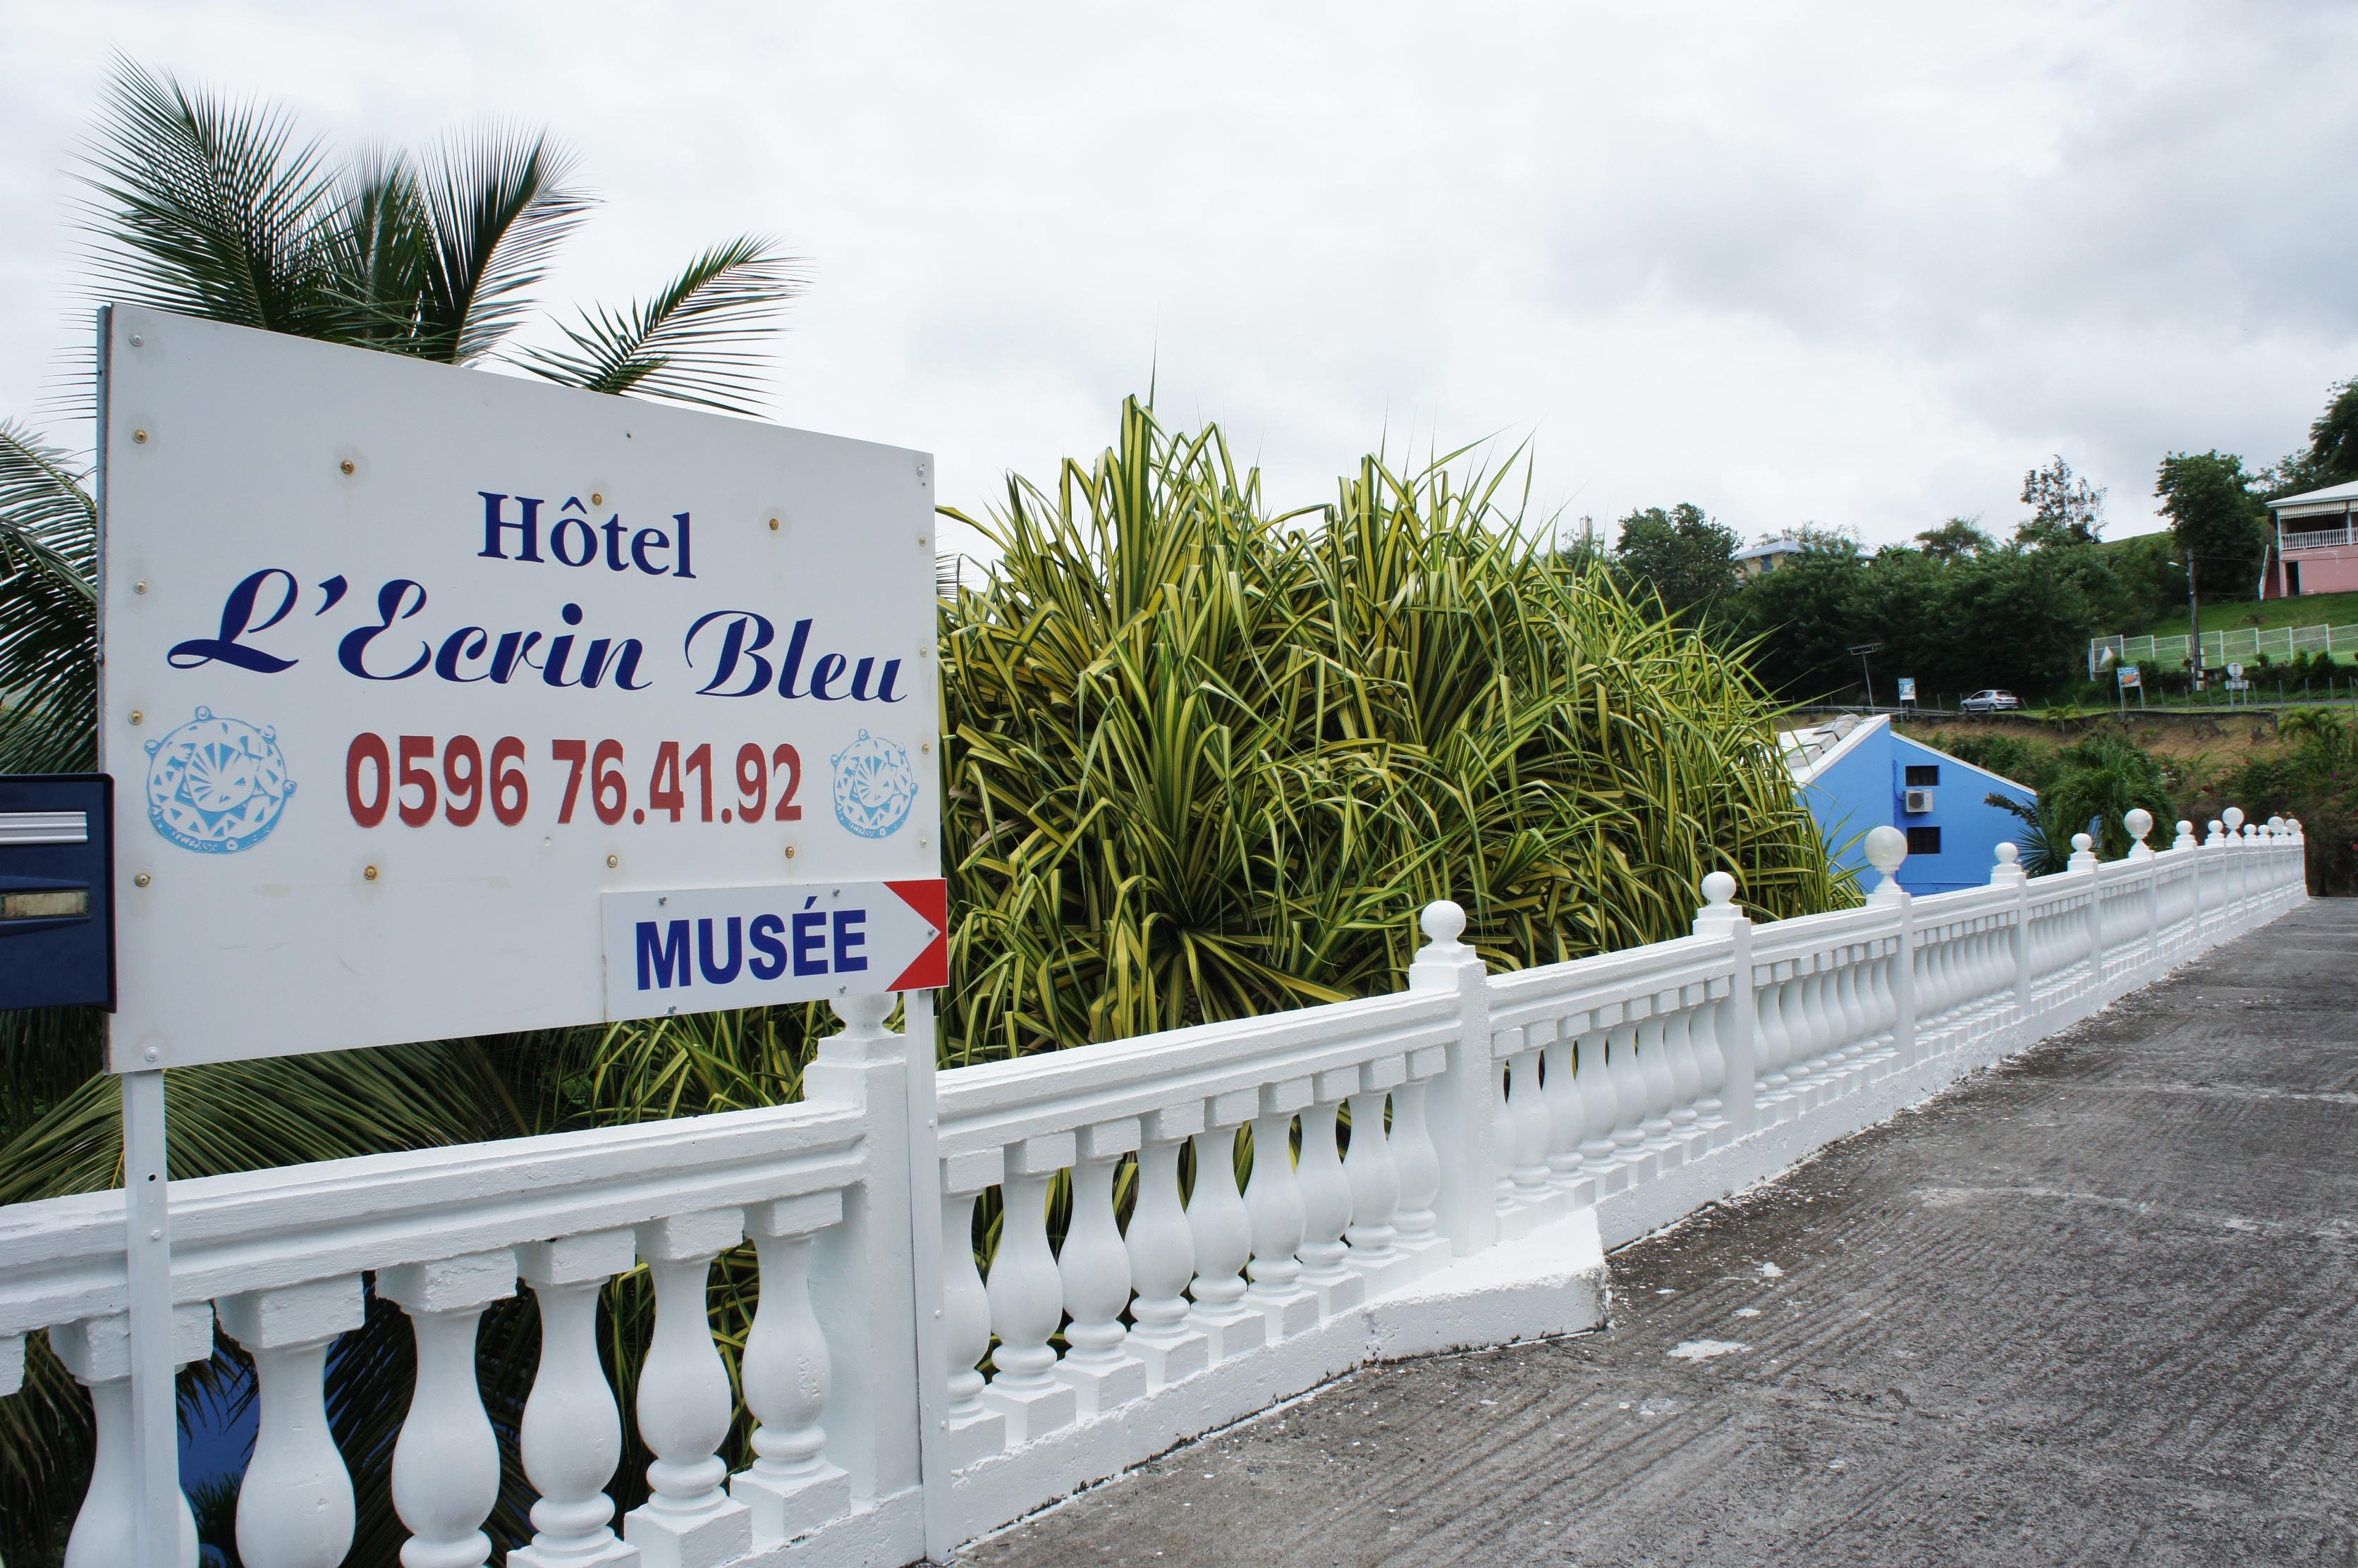 panneau d'entrée de l'hotel